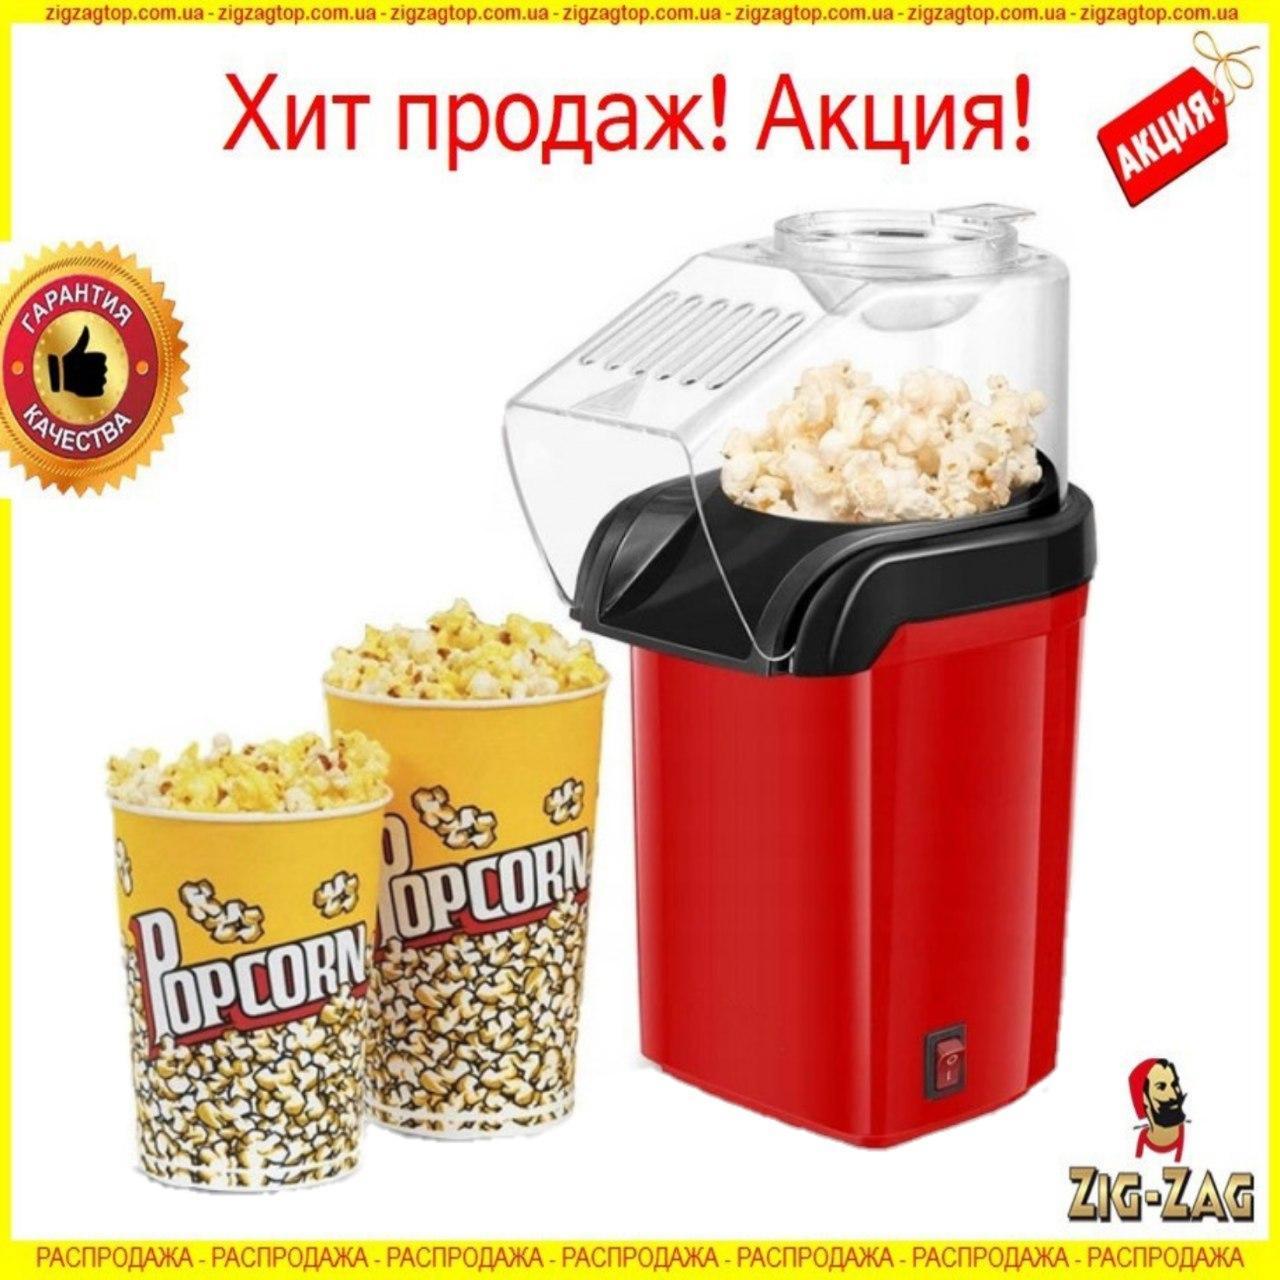 Прилад для приготування попкорну Snack Maker RH 903| Домашній попкорн| Машинка для приготування попкорну